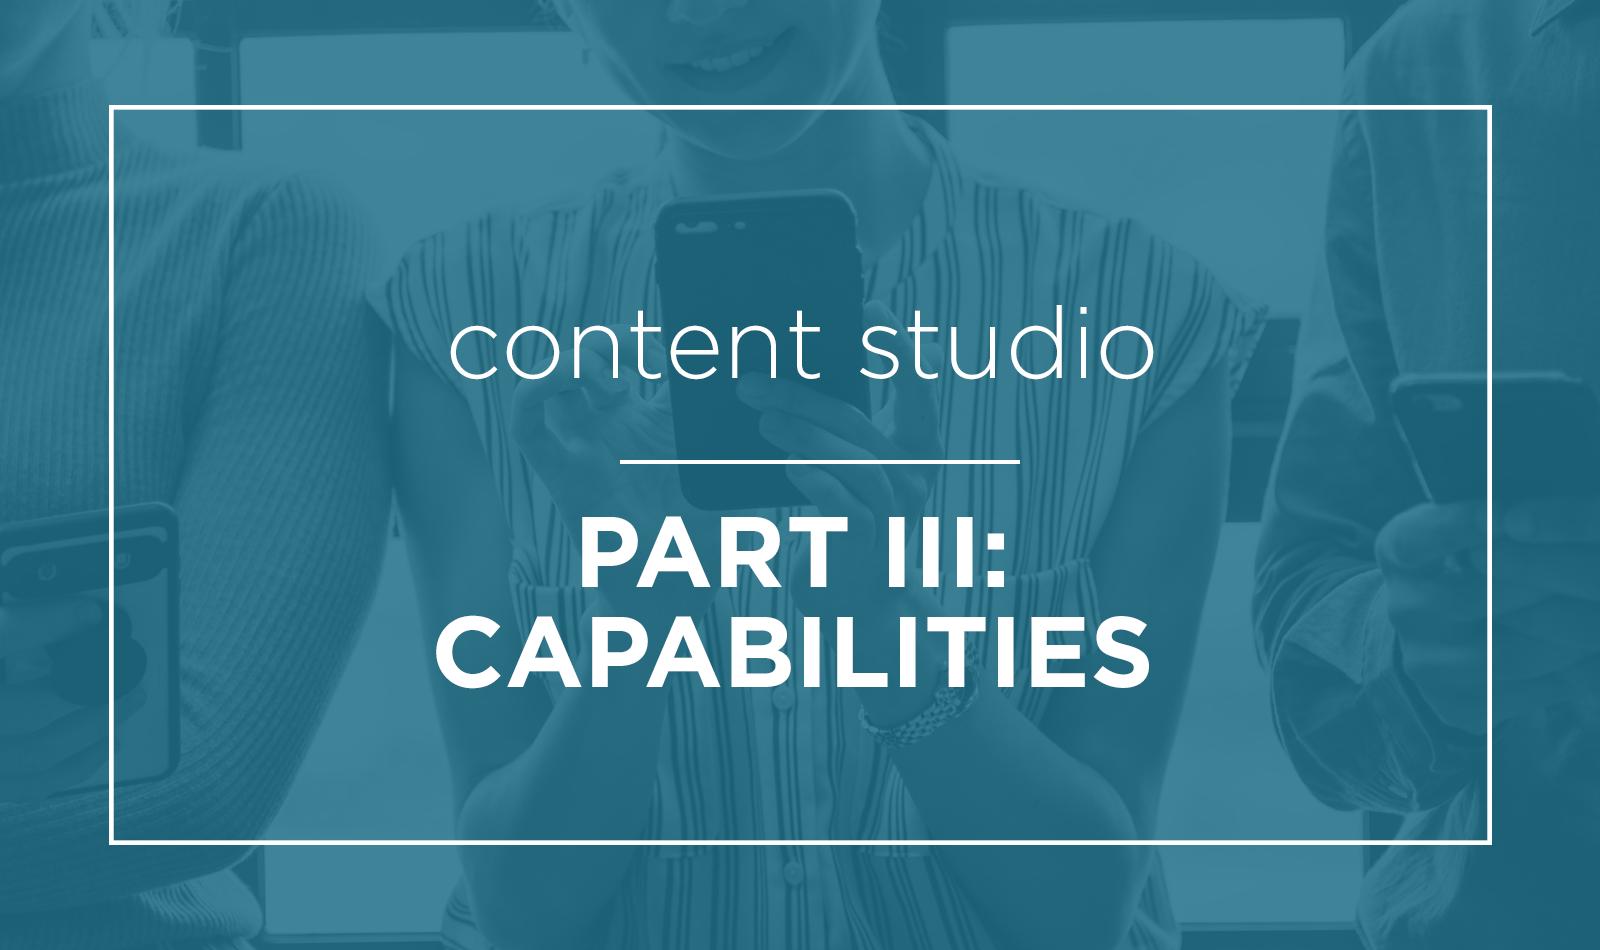 content-studio-capabilities-iii